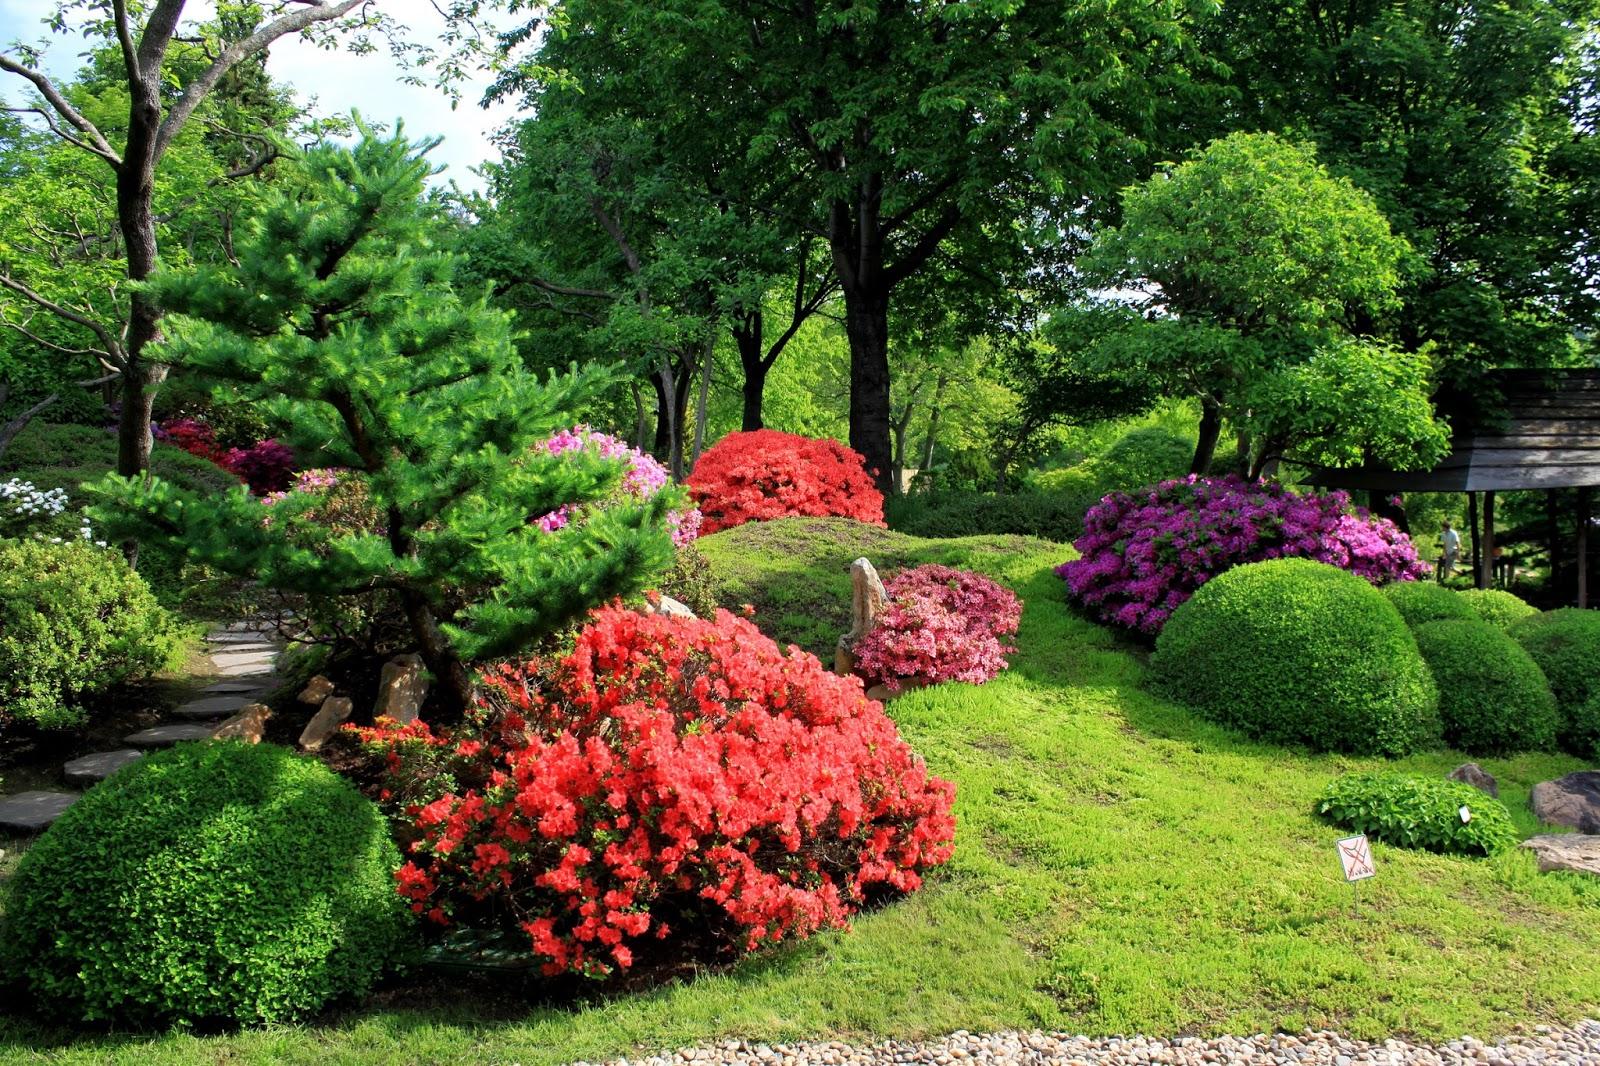 Fond ecran gratuit printemps paysage fonds d 39 cran hd for Foto fond ecran